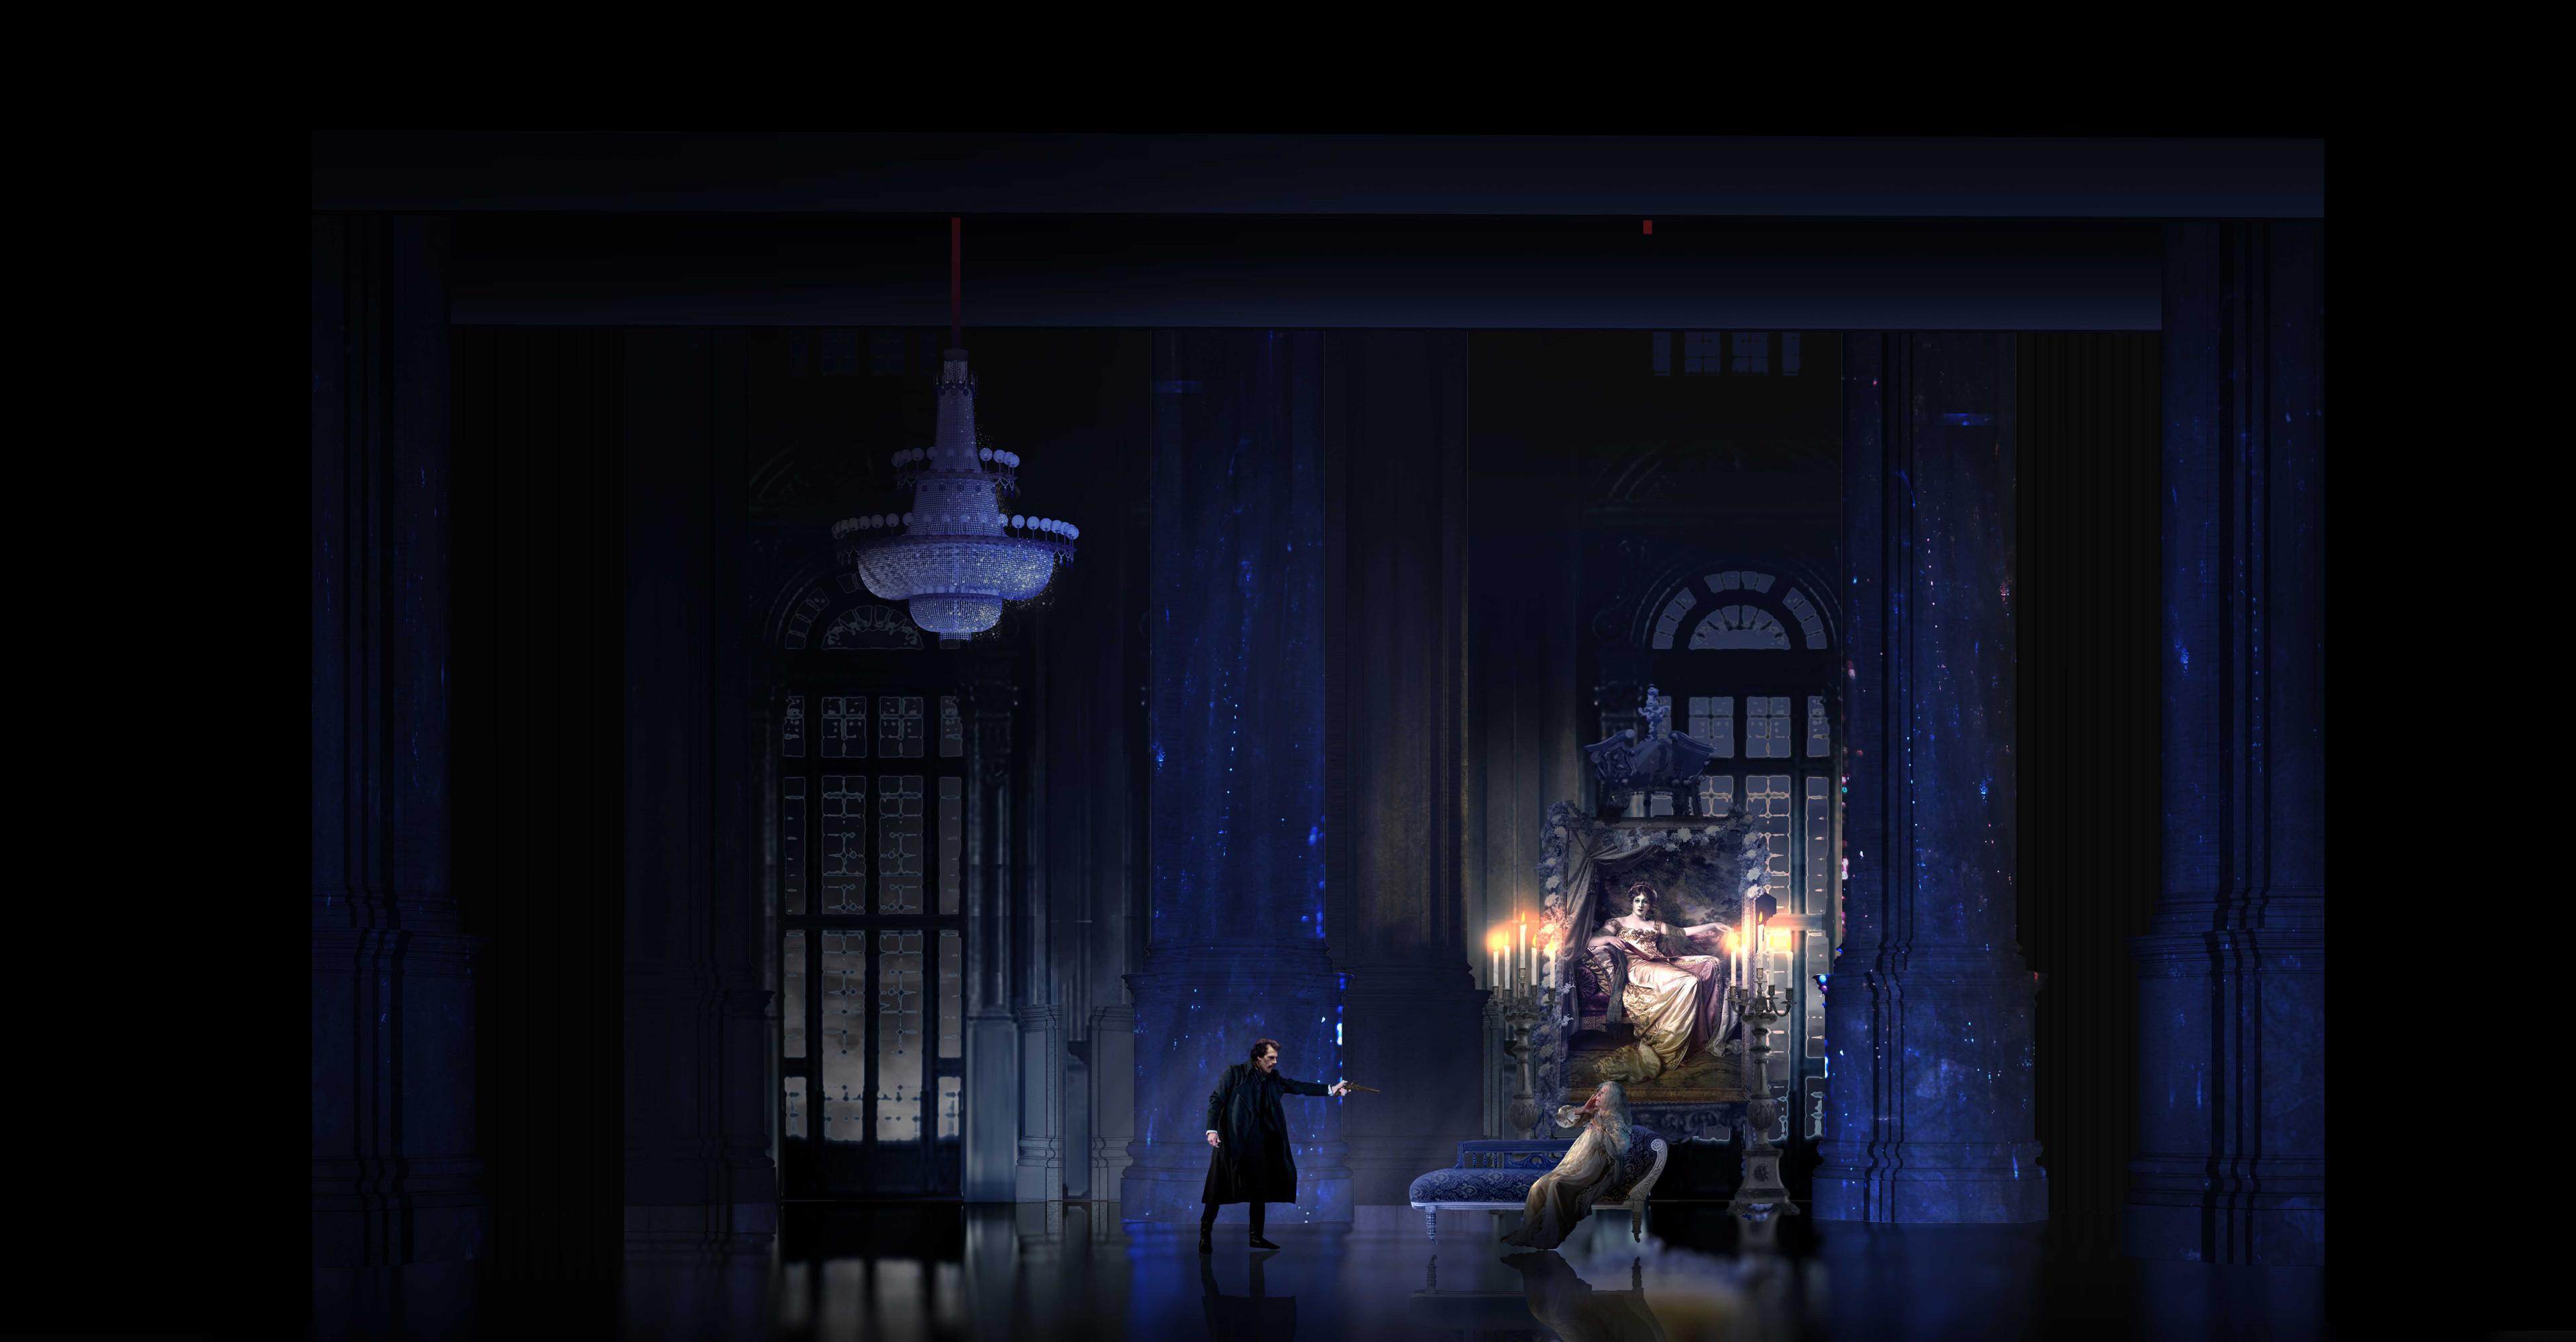 Act II scene II